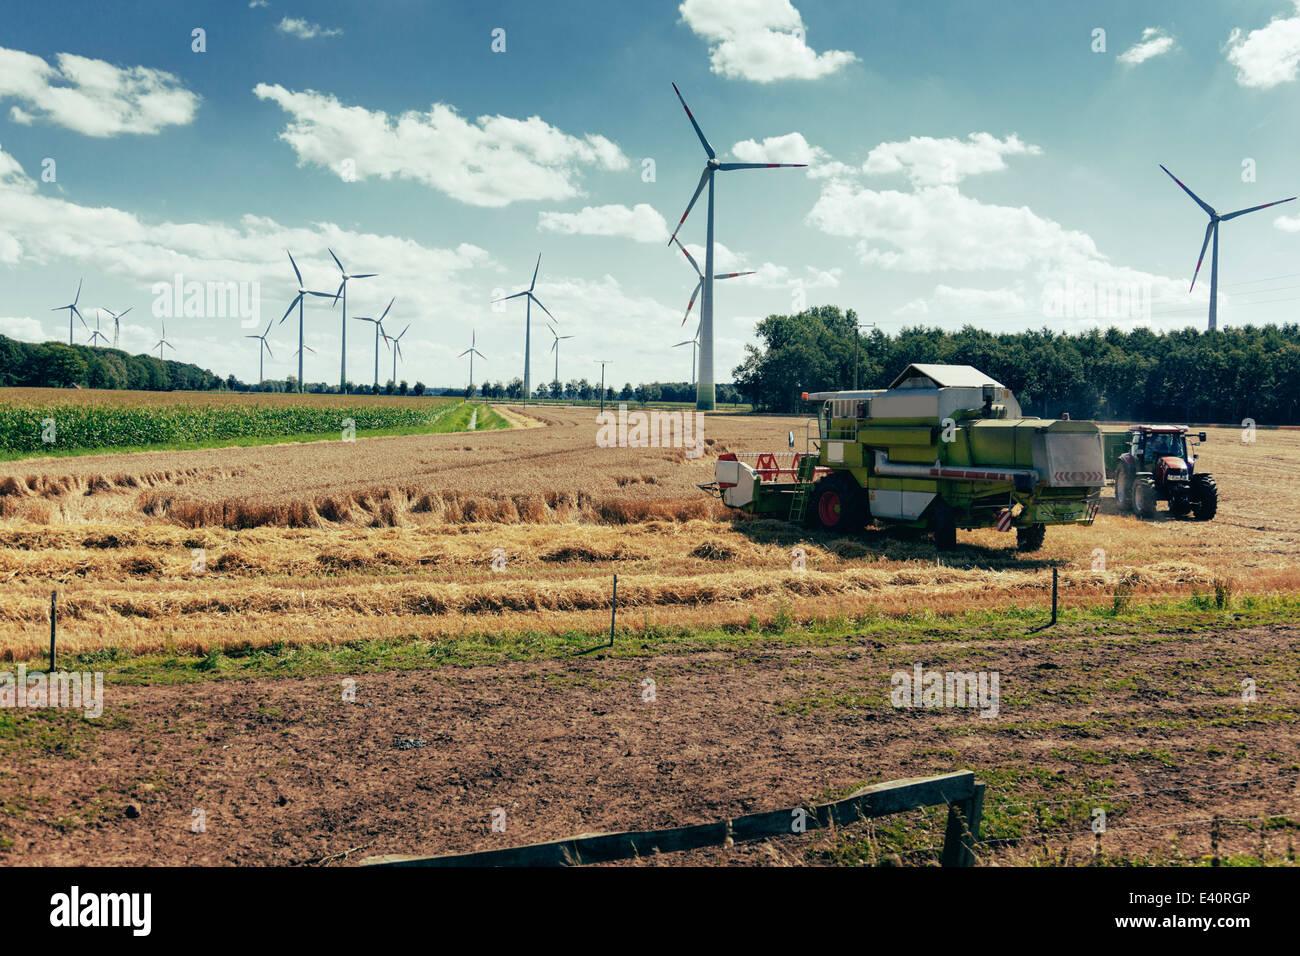 In Germania, in Renania settentrionale-Vestfalia, Sassenberg, Harvester in campo, ruote di vento in background Immagini Stock